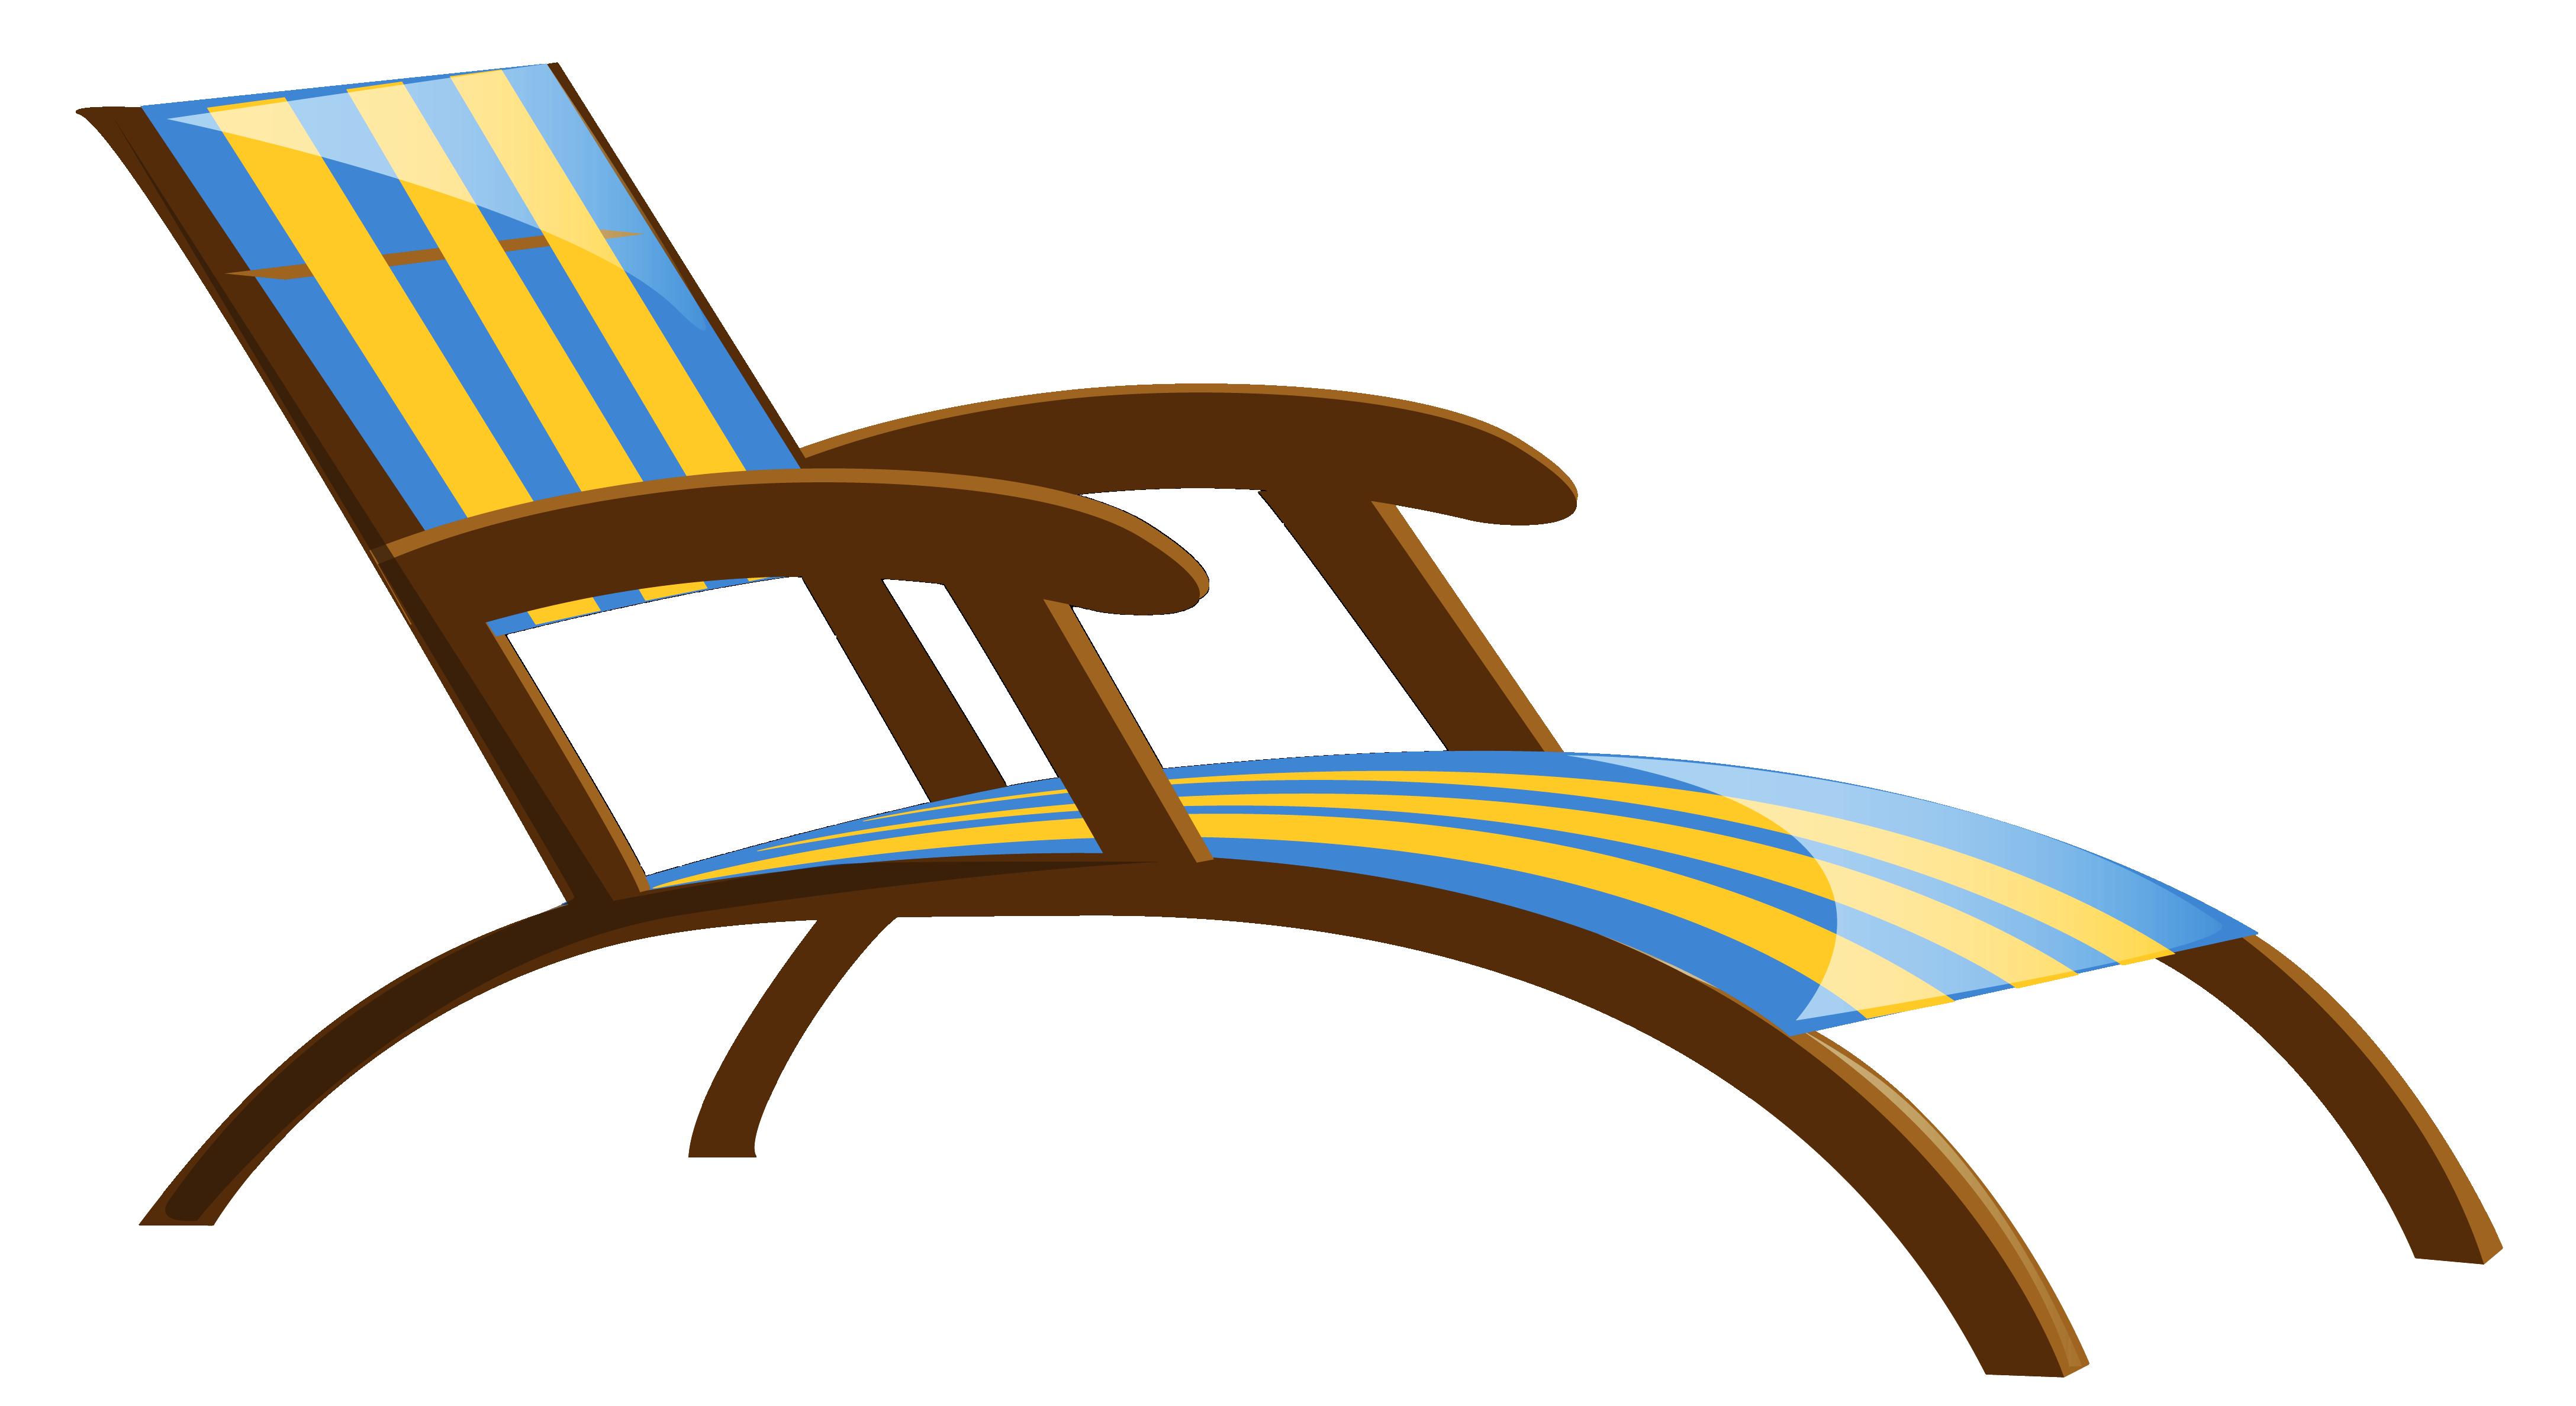 Chair Chaise longue Table Clip art.